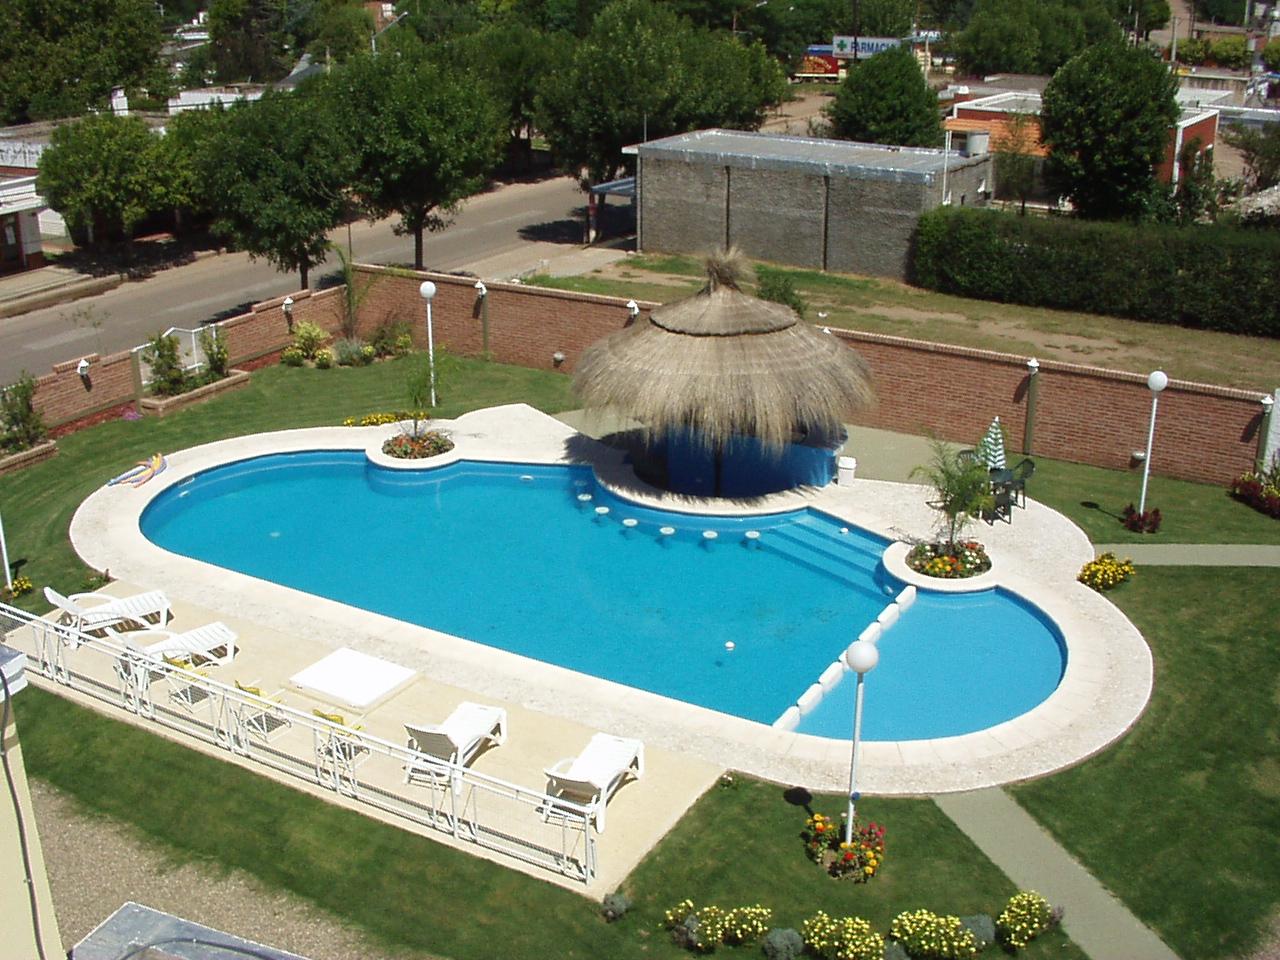 Dise os de piscinas con bar casa dise o - Diseno de piscinas ...